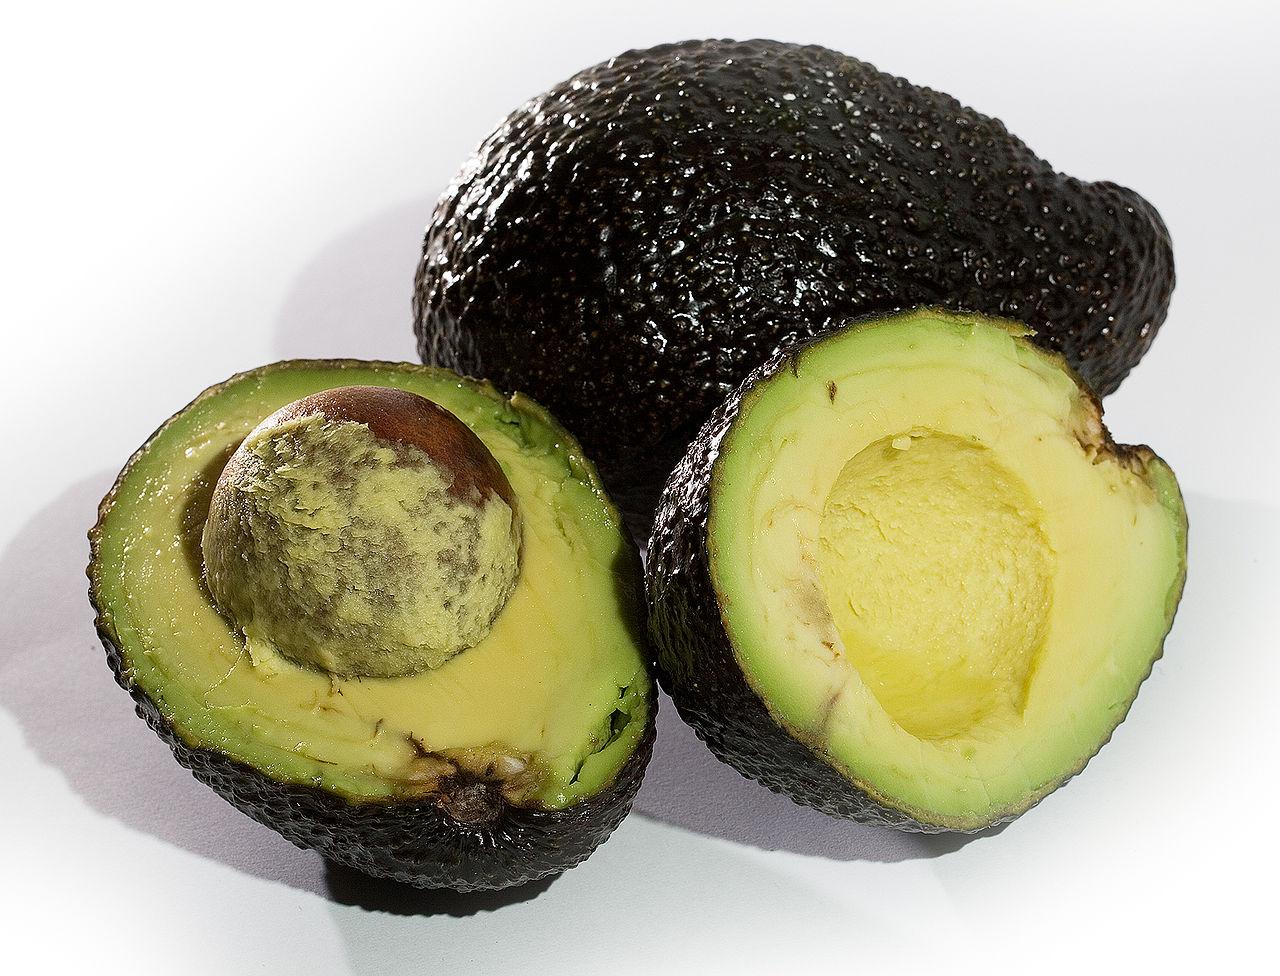 nat rlich gesund eine avocado pro tag beeinflusst sowohl den ldl wert als auch die triglyzeride. Black Bedroom Furniture Sets. Home Design Ideas